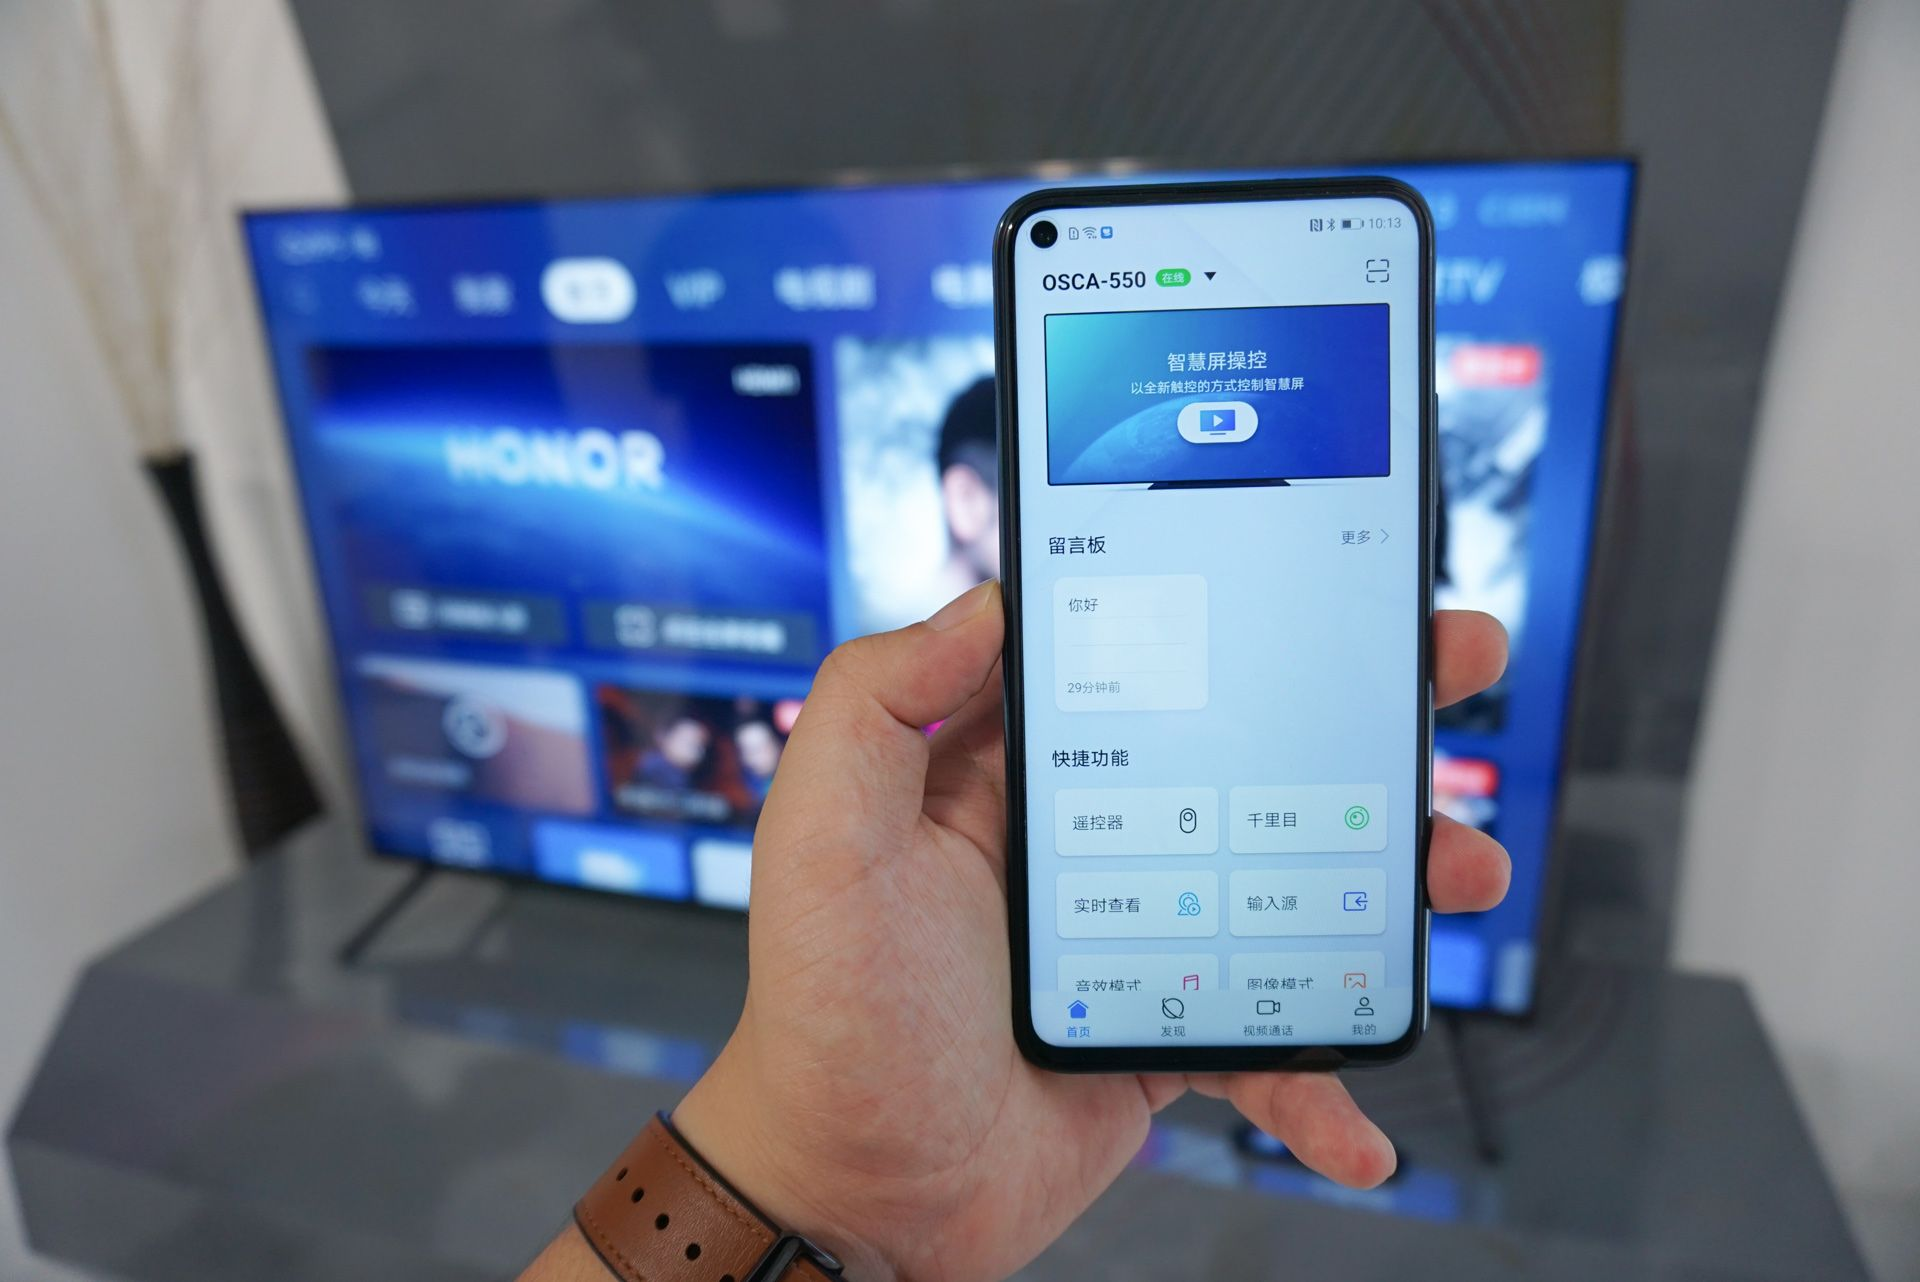 Российские инженеры присоединятся к разработке HarmonyOS от Huawei, которую многие считают «убийцей Android»